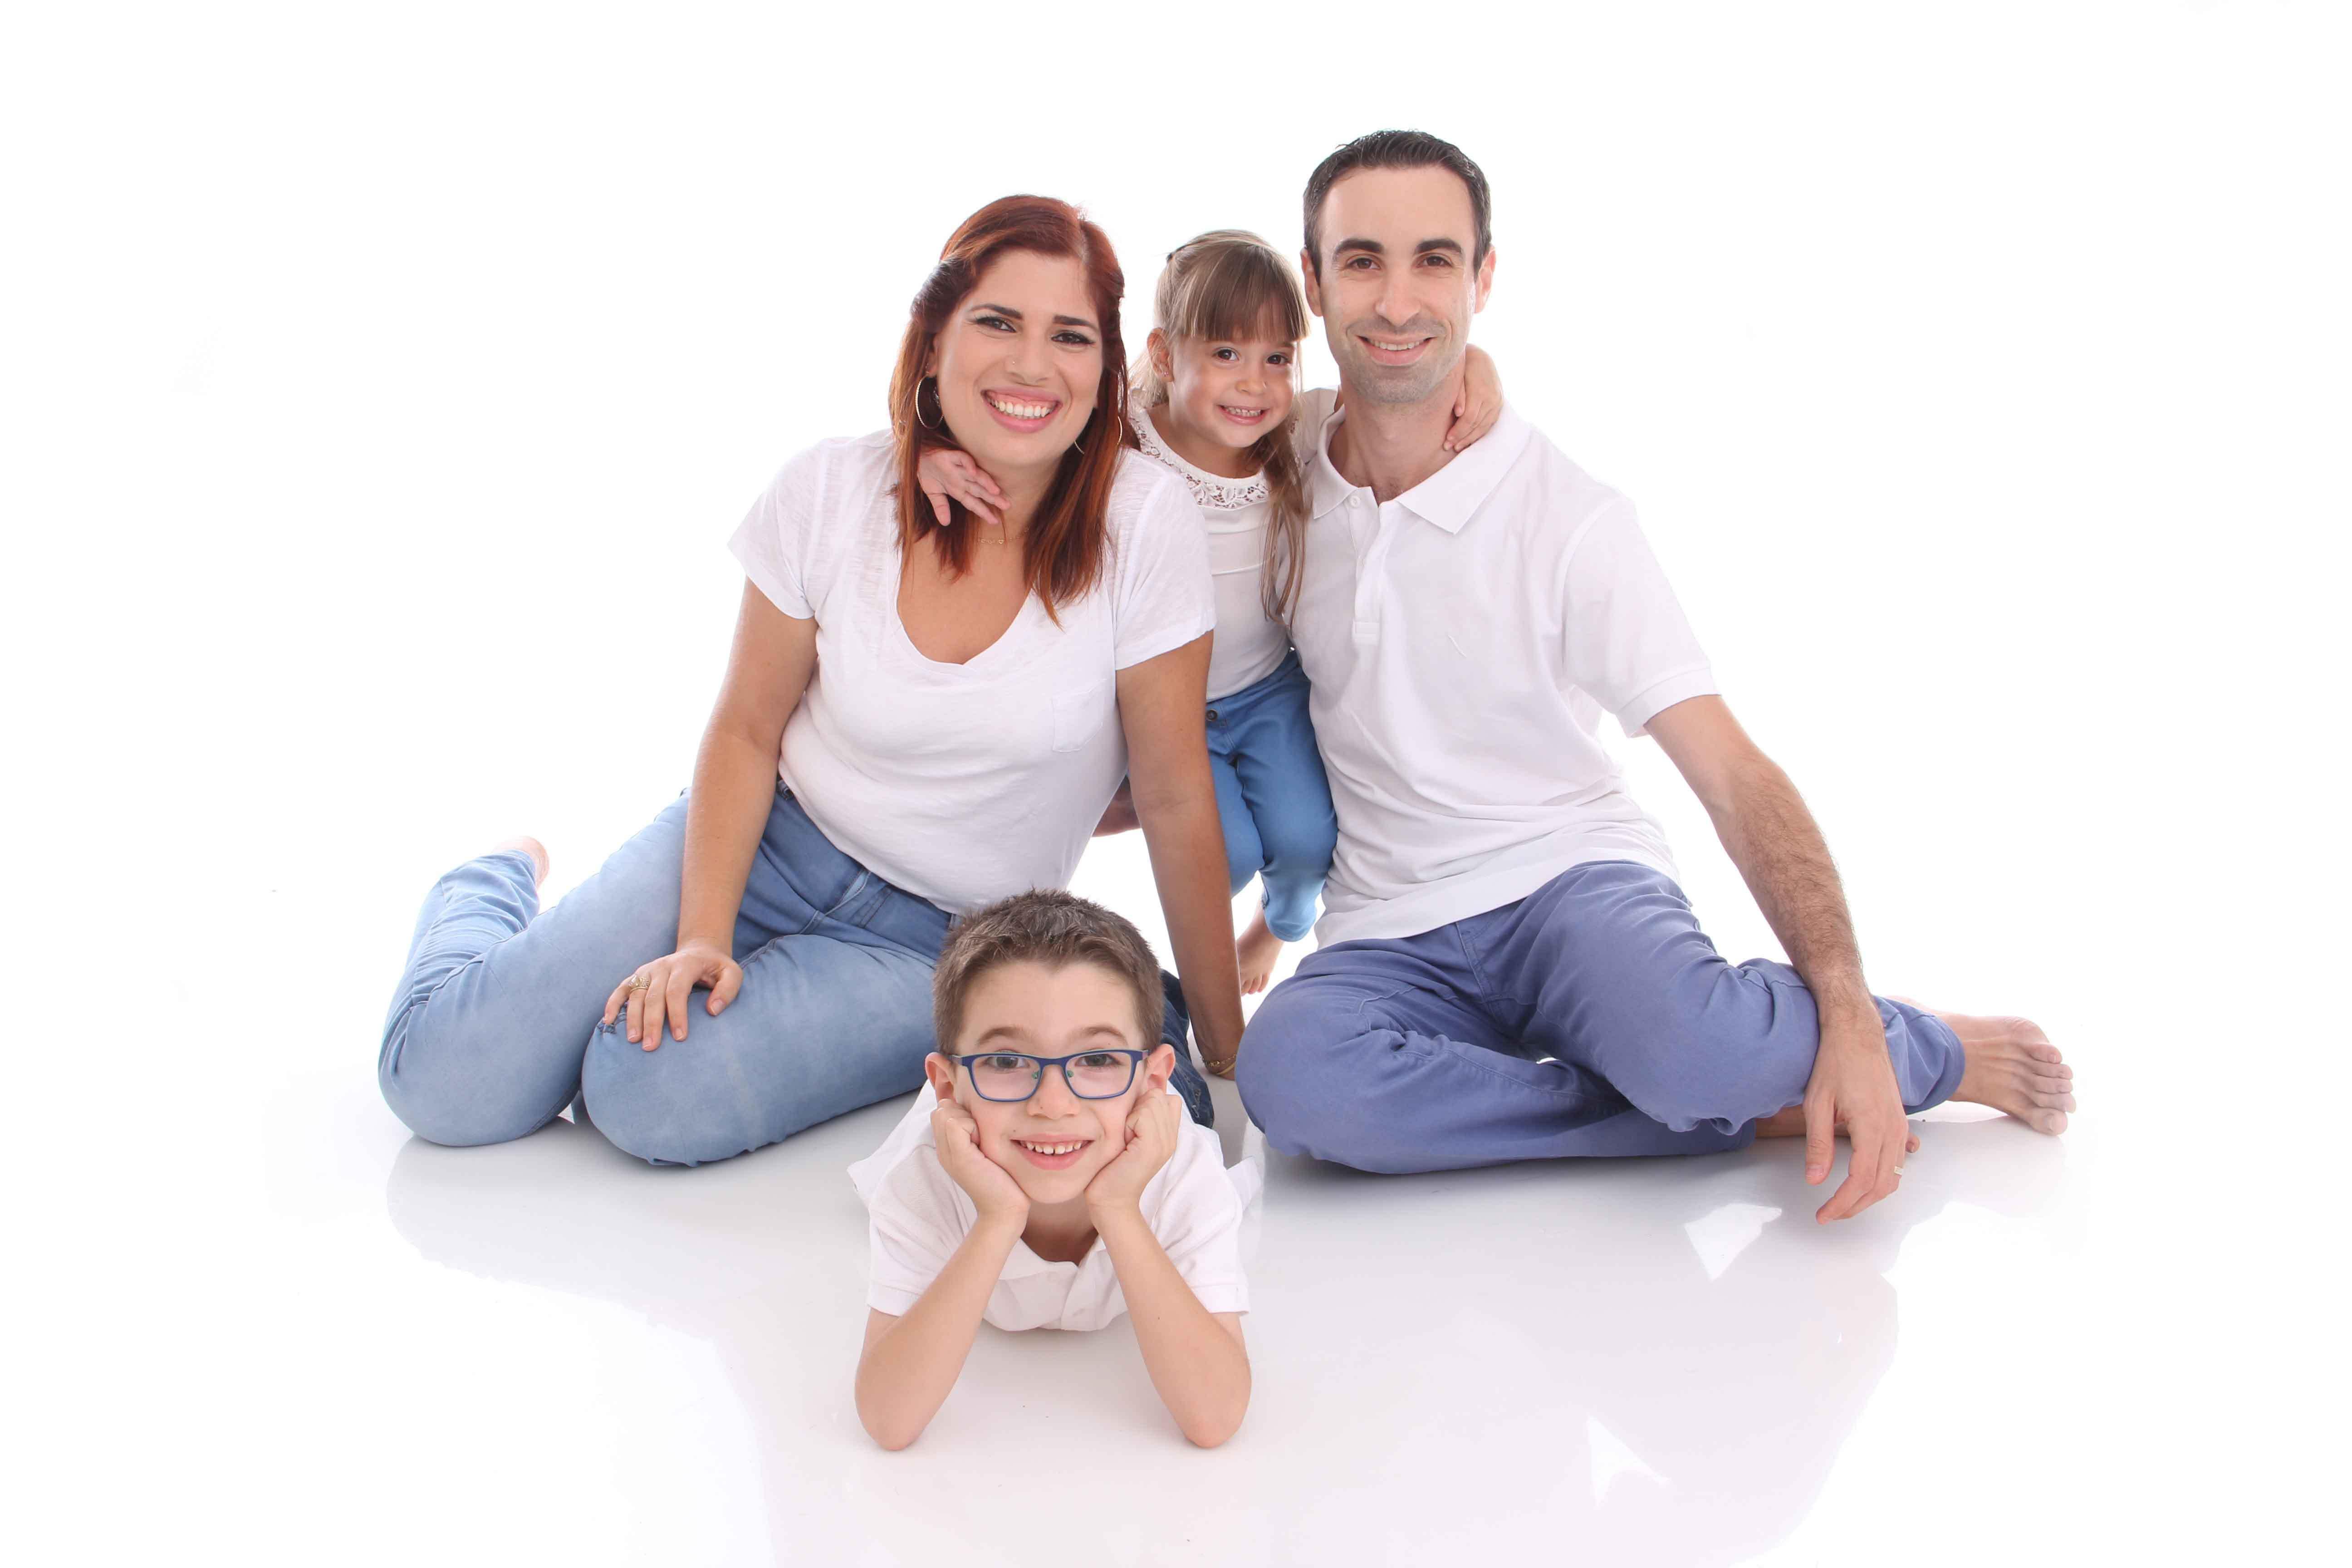 יום המשפחה - צילומי משפחה בסטודיו לצילום